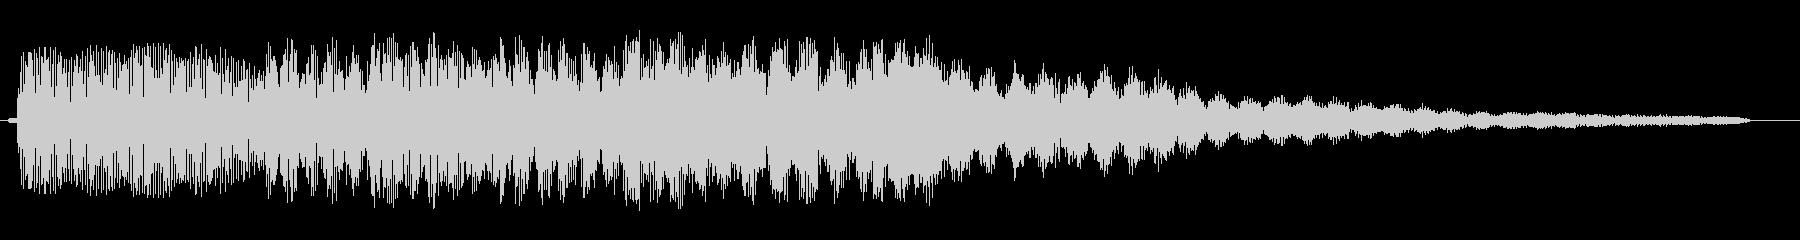 ピンポンパンポン、というお知らせ音の未再生の波形